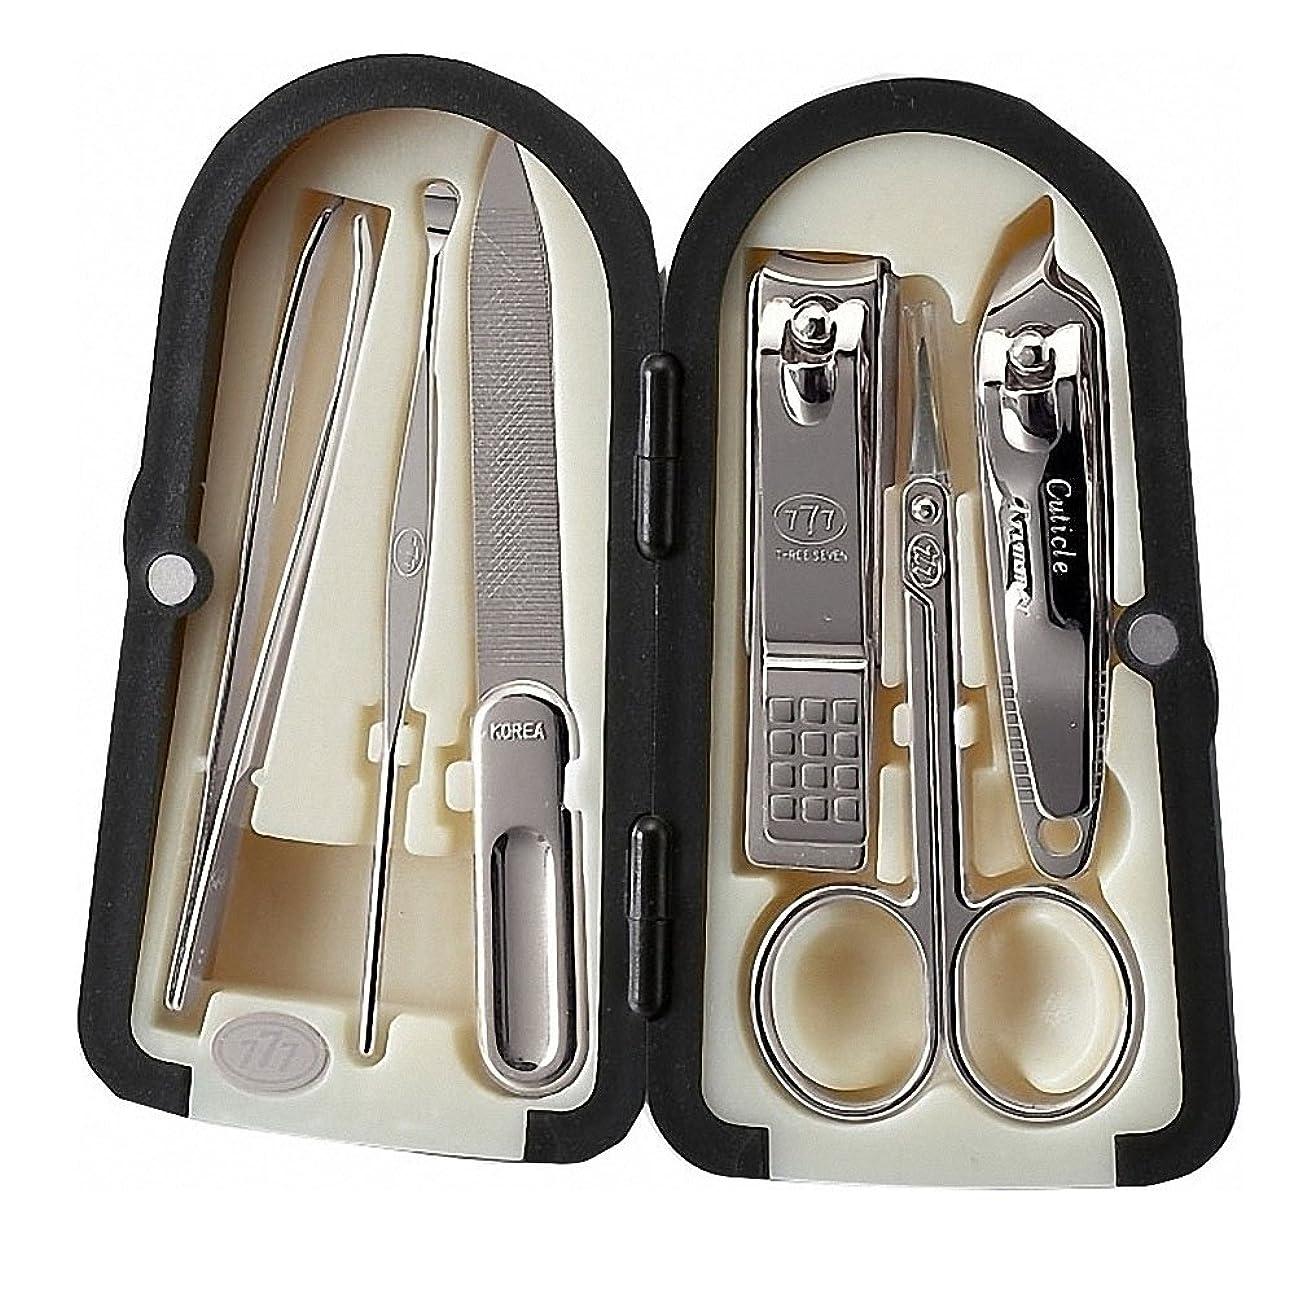 望まないモバイル注入【 三セブン】THREE SEVEN TS-4000X Manicure Set with Three Color Case Choice 三セブンTS-4000Xマニキュアセット、3色ボックス選択 (1.Crome_Red) [並行輸入品]